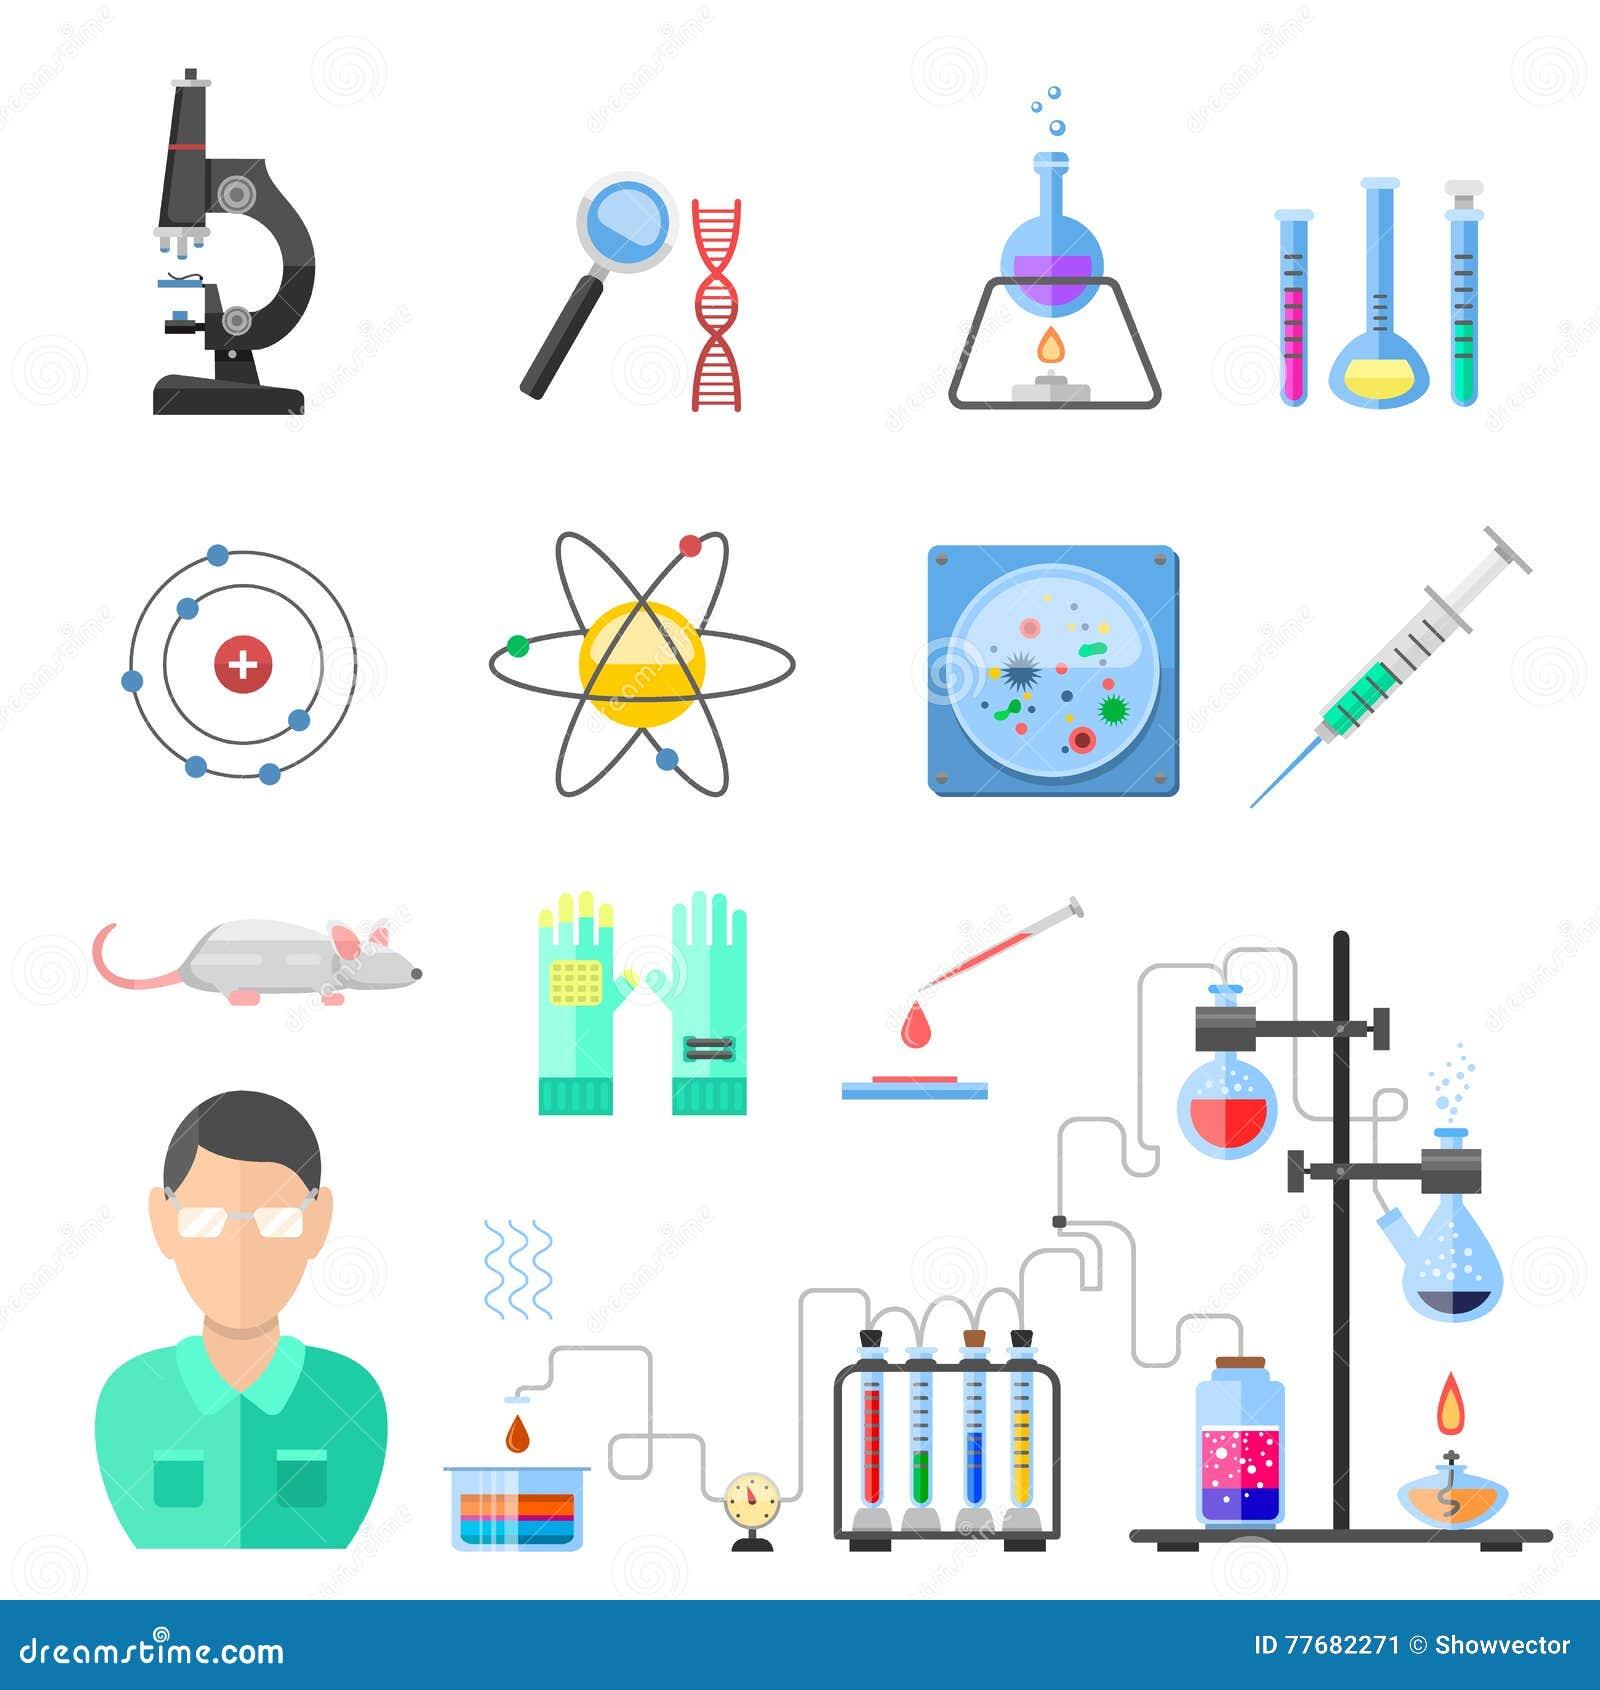 Διάνυσμα εικονιδίων χημείας εργαστηριακών συμβόλων